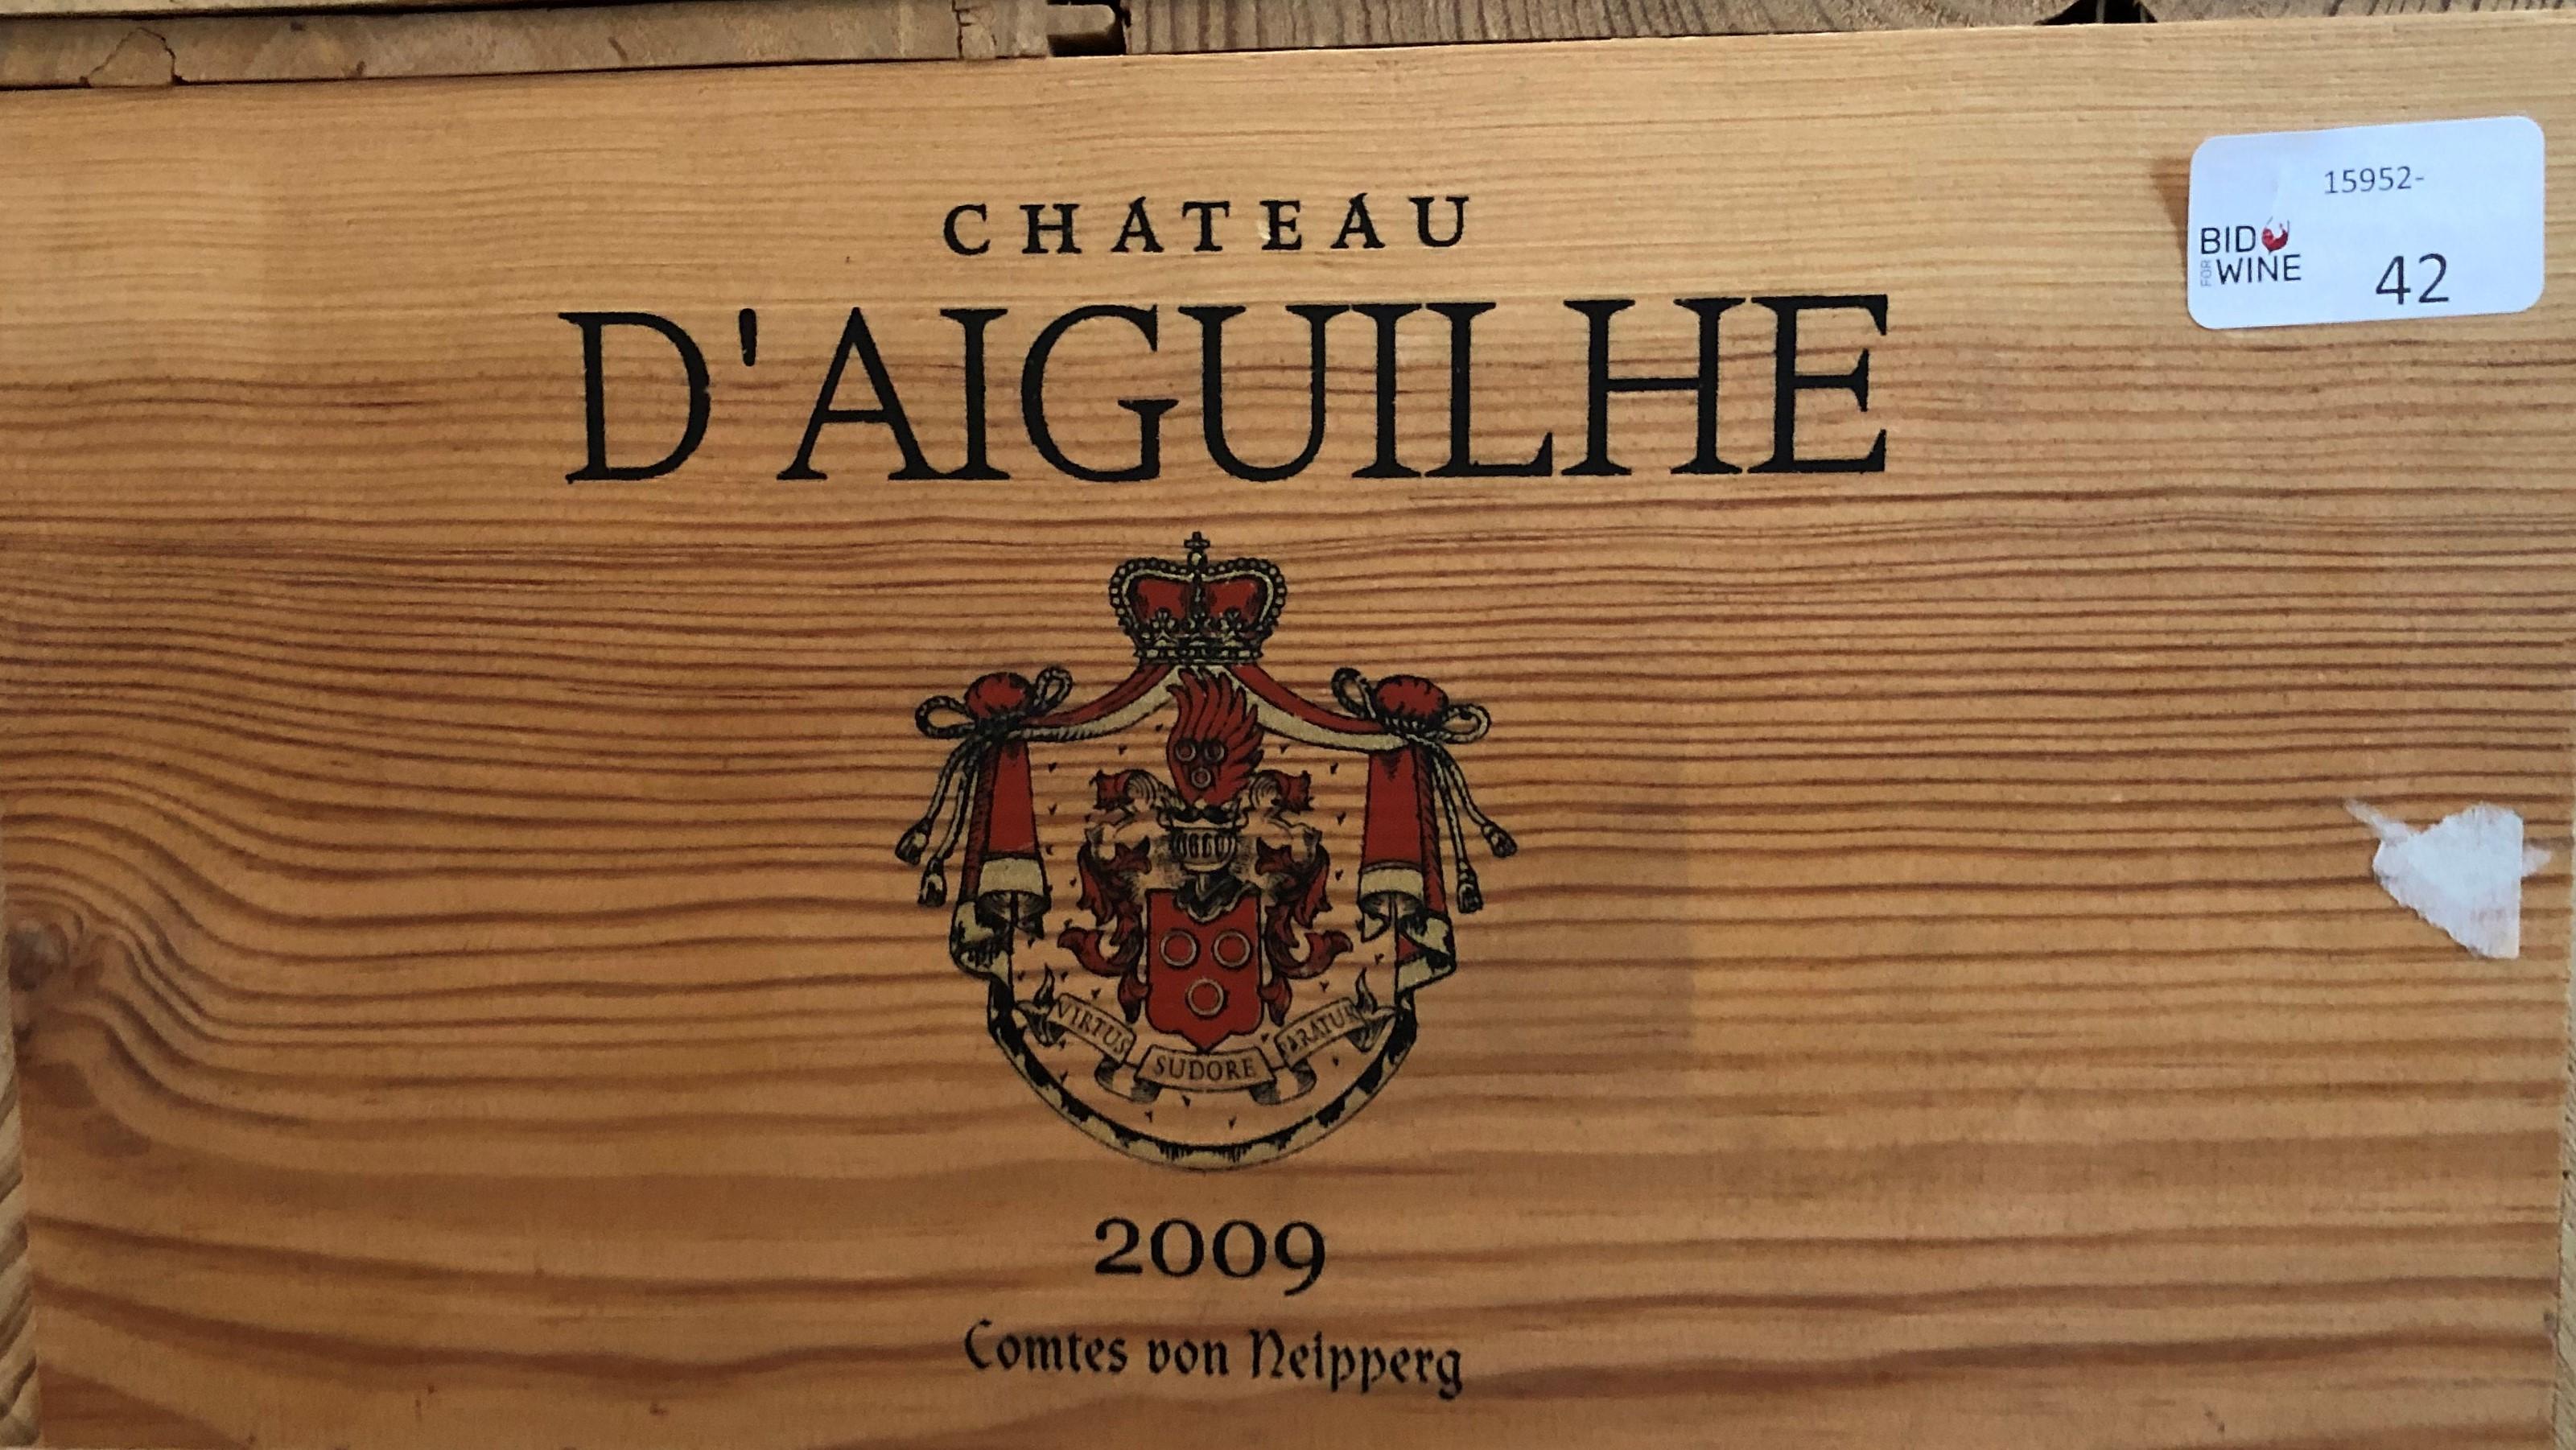 Lot 55 - 2009 Aiguilhe, von Neipperg, Bordeaux, France, 12 bottles